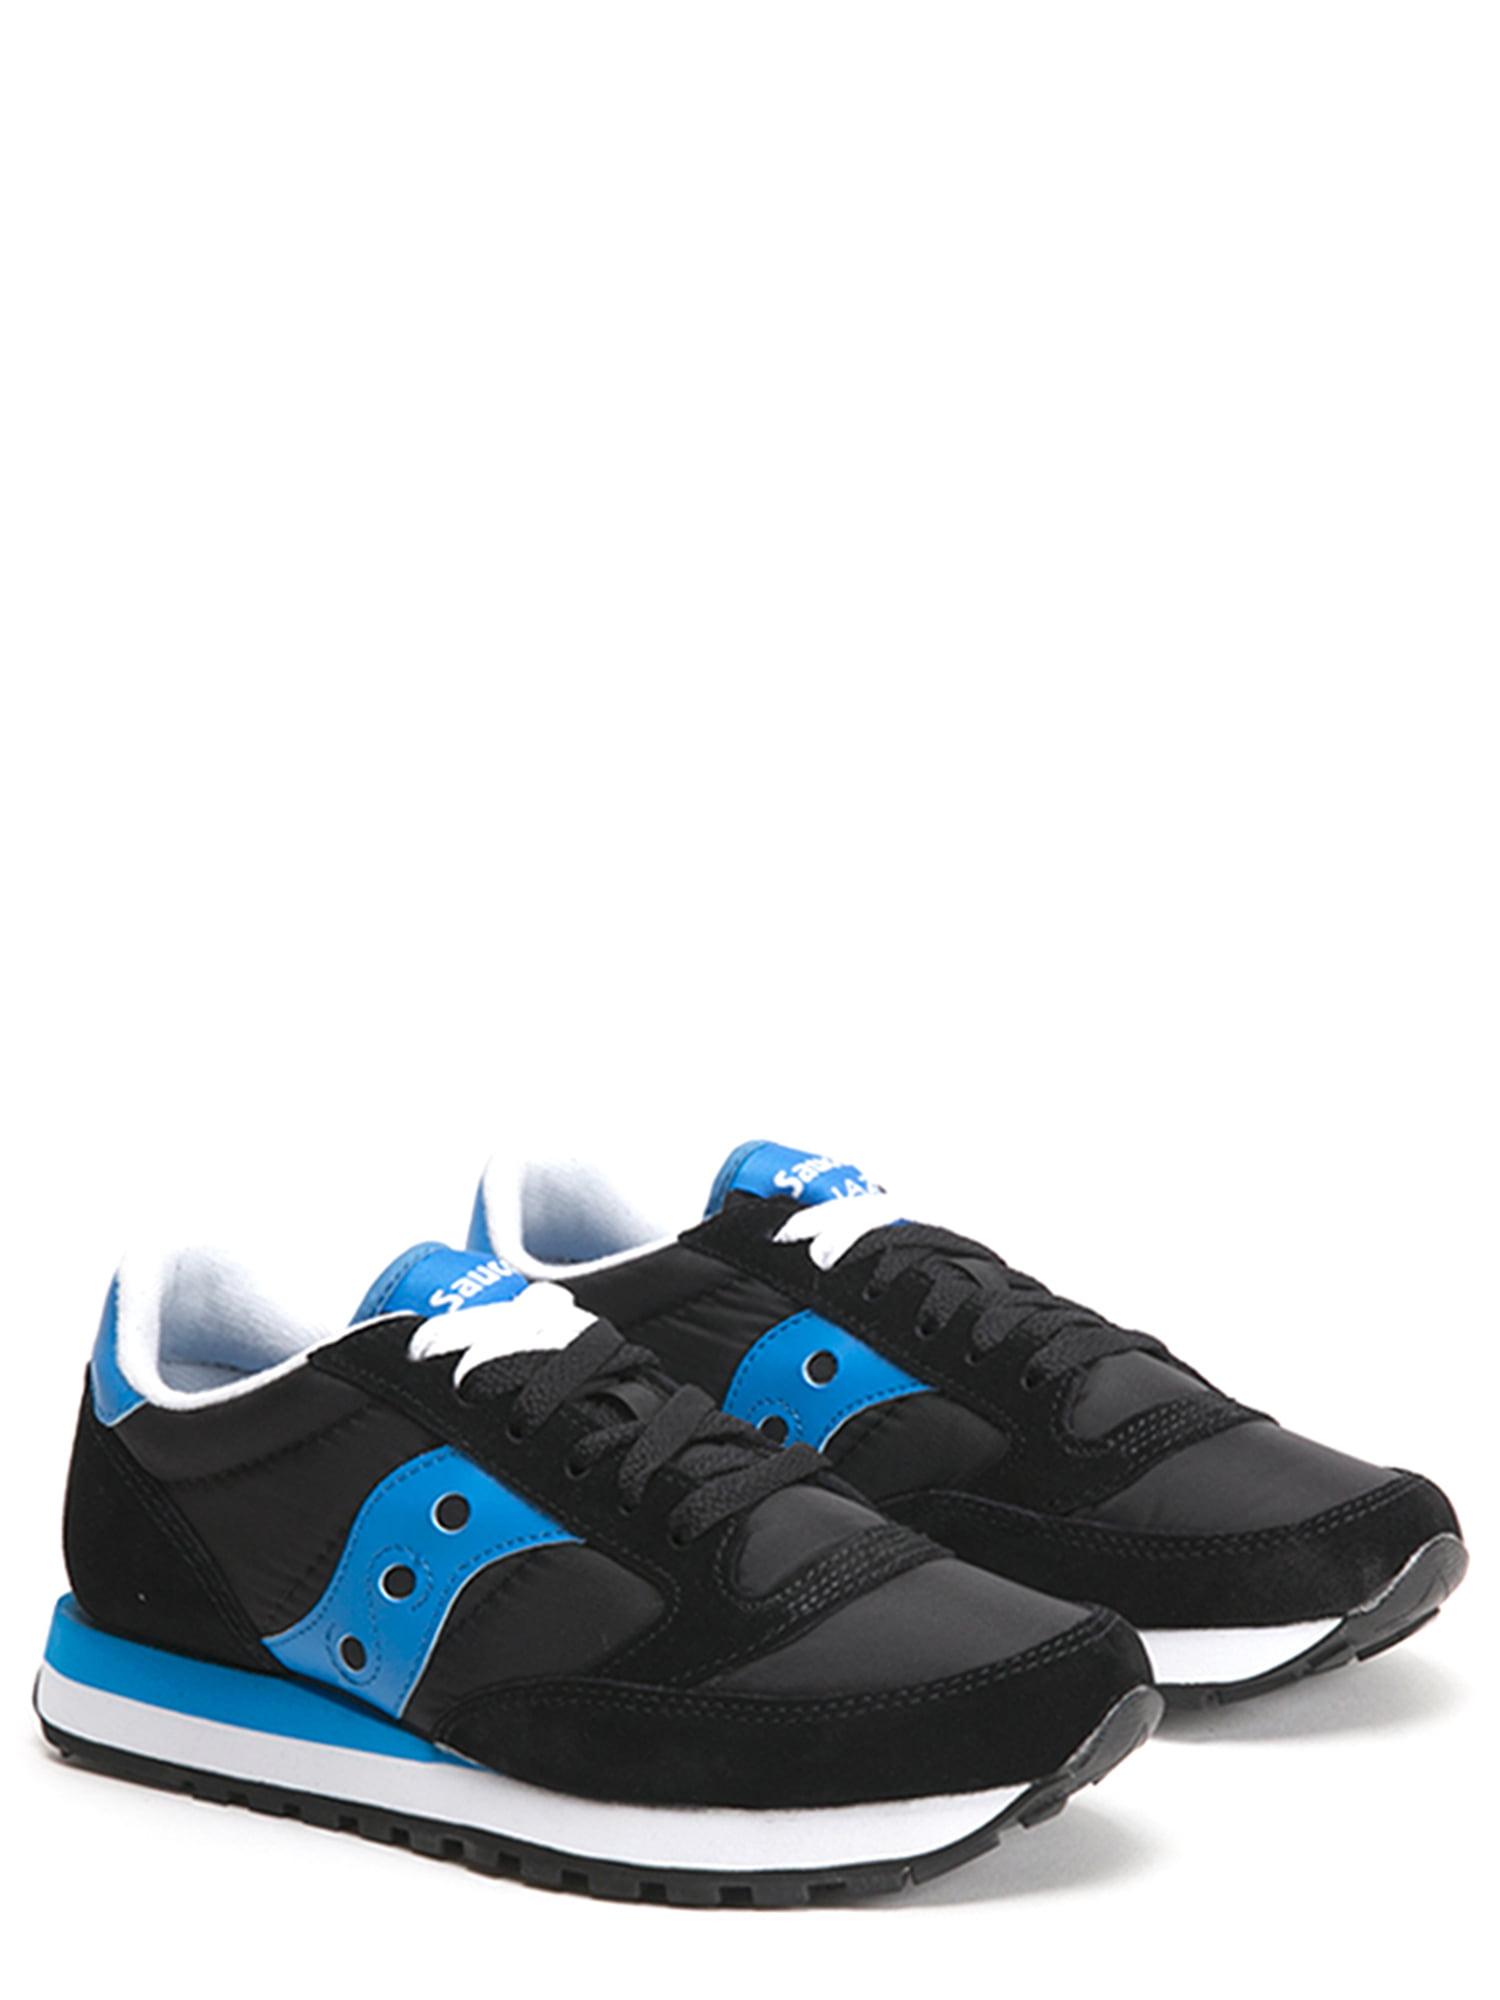 Saucony Men's Jazz Original Sneakers S2044 by Saucony